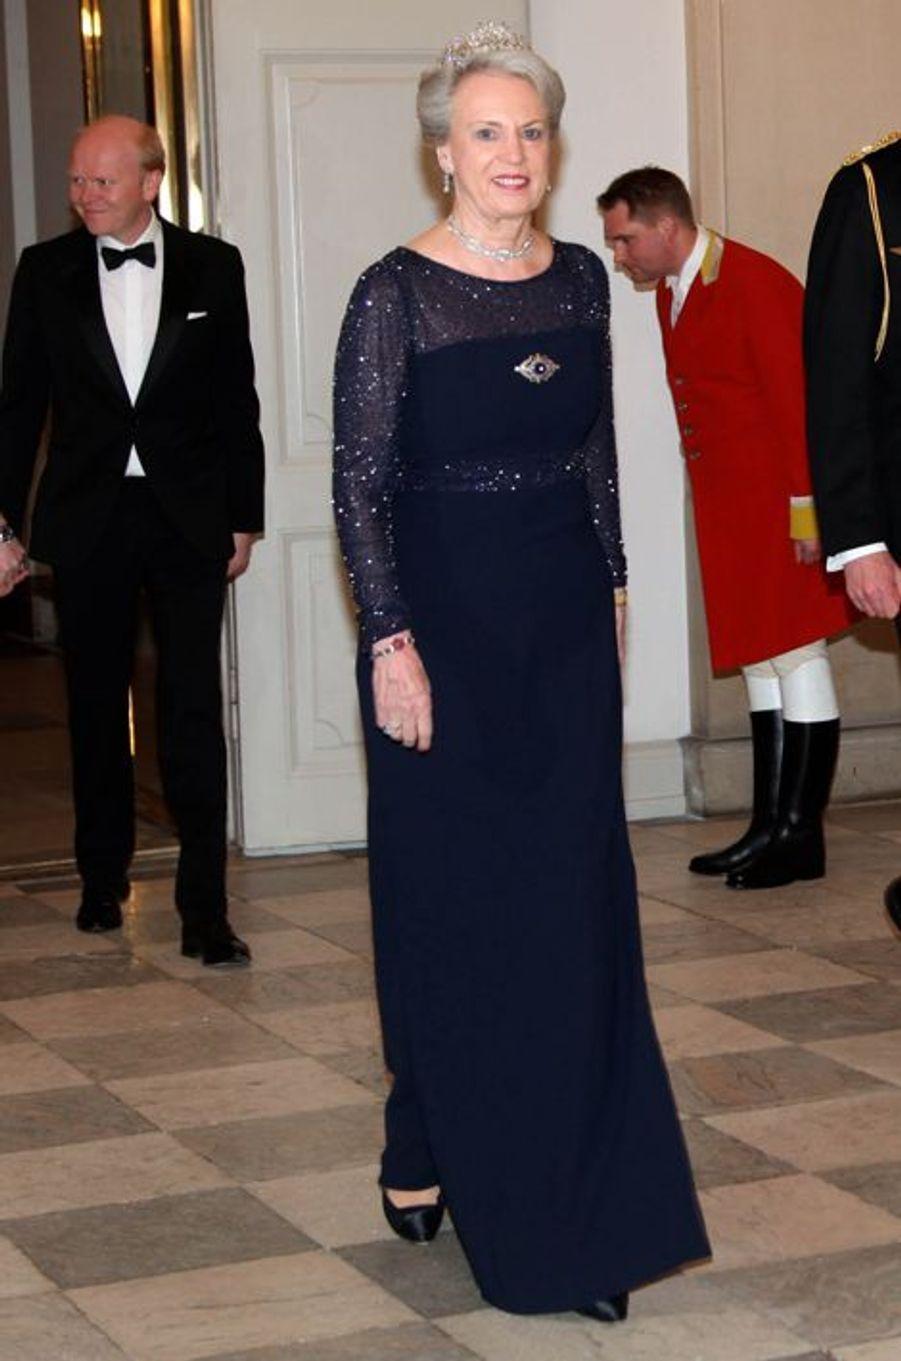 La princesse Benedickte de Danemark au château de Christiansborg à Copenhague, le 15 mars 2016